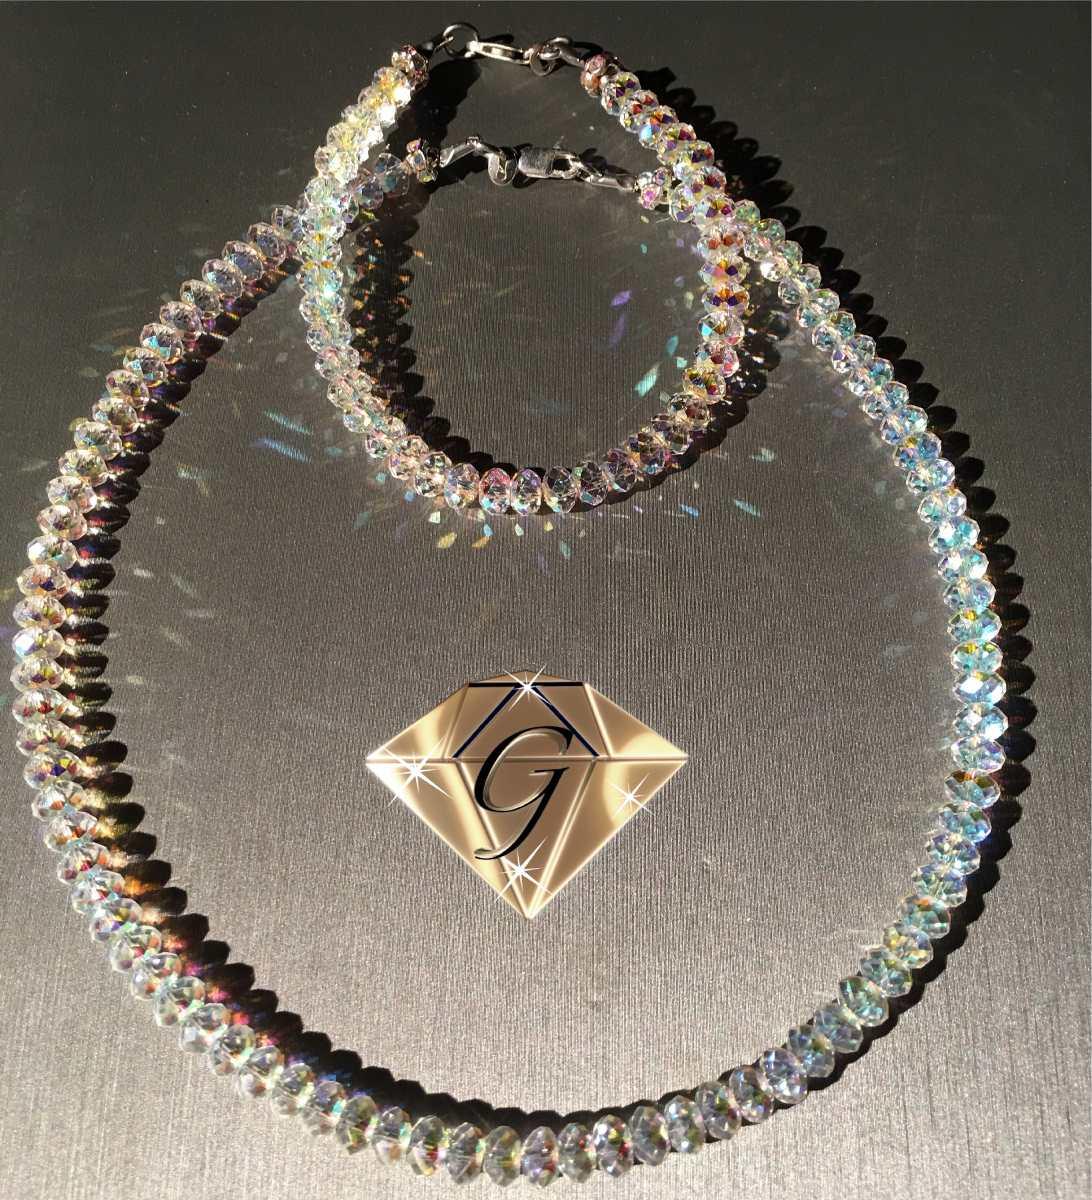 1781ce9d6653 collar y pulsera swarovski doble brillo garantia certificado. Cargando zoom.